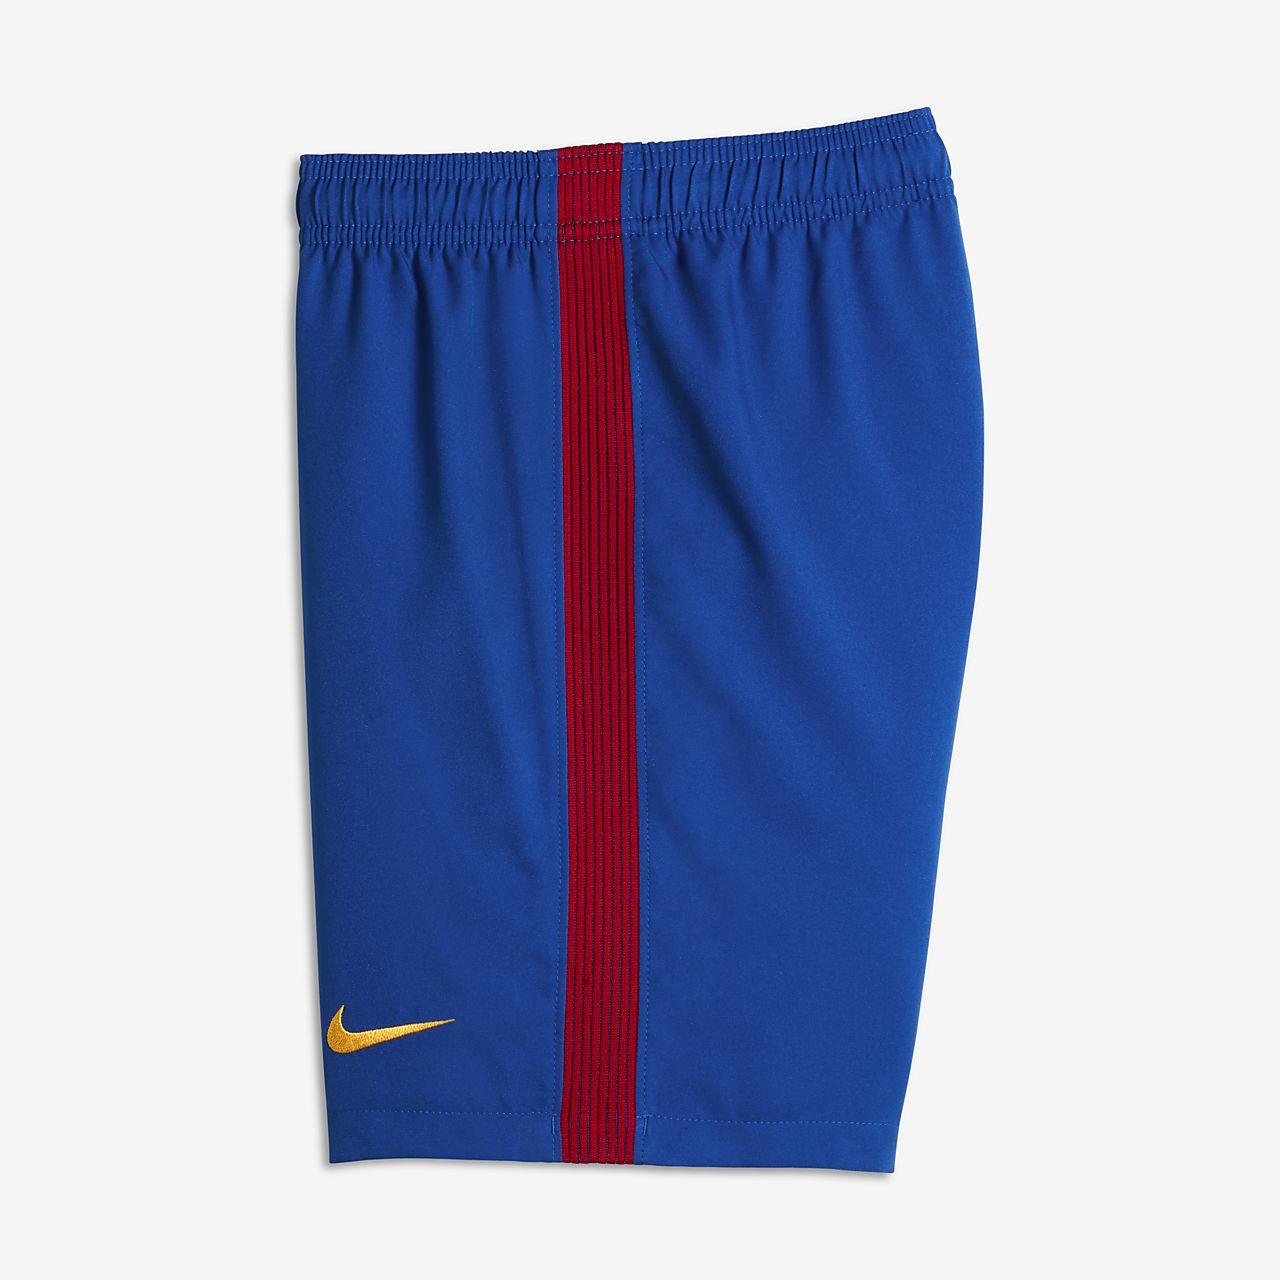 216d628f3 Older Kids  Football Shorts. 2016 17 FC Barcelona Stadium Home Away Third  Goalkeeper